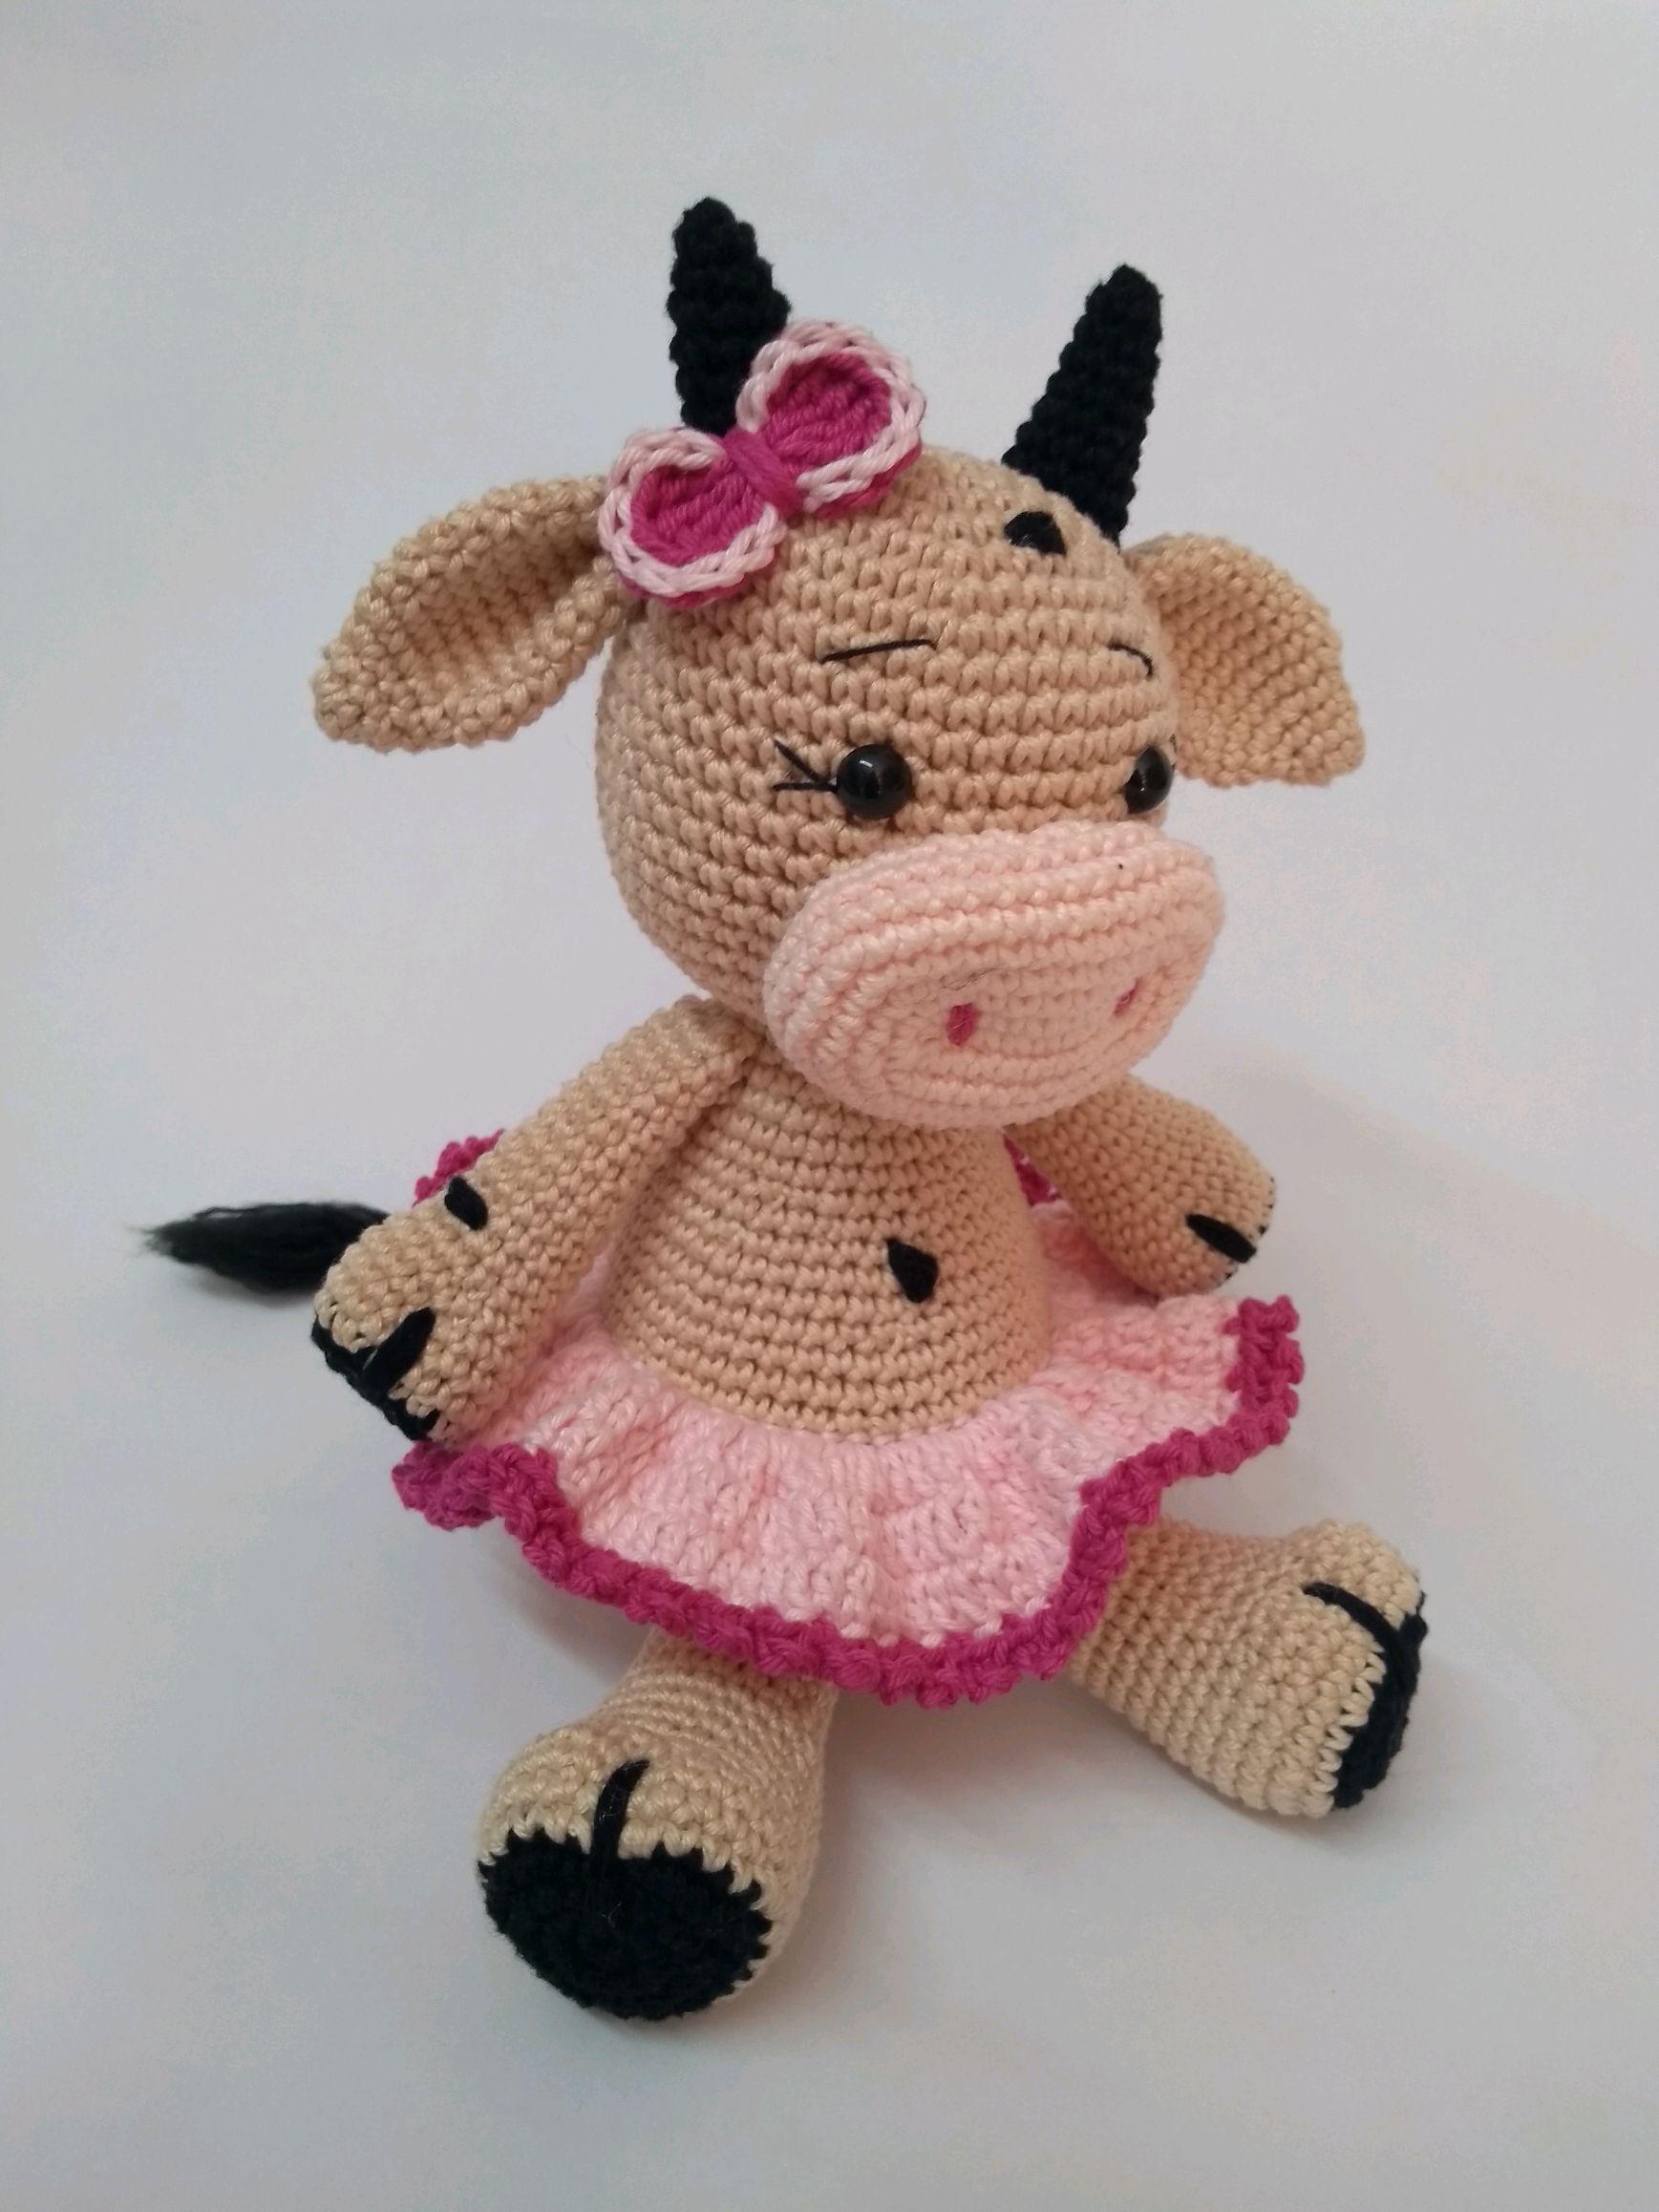 Kuh Amigurumi Häkelanleitung von Little Bear Crochets | 2316x1737